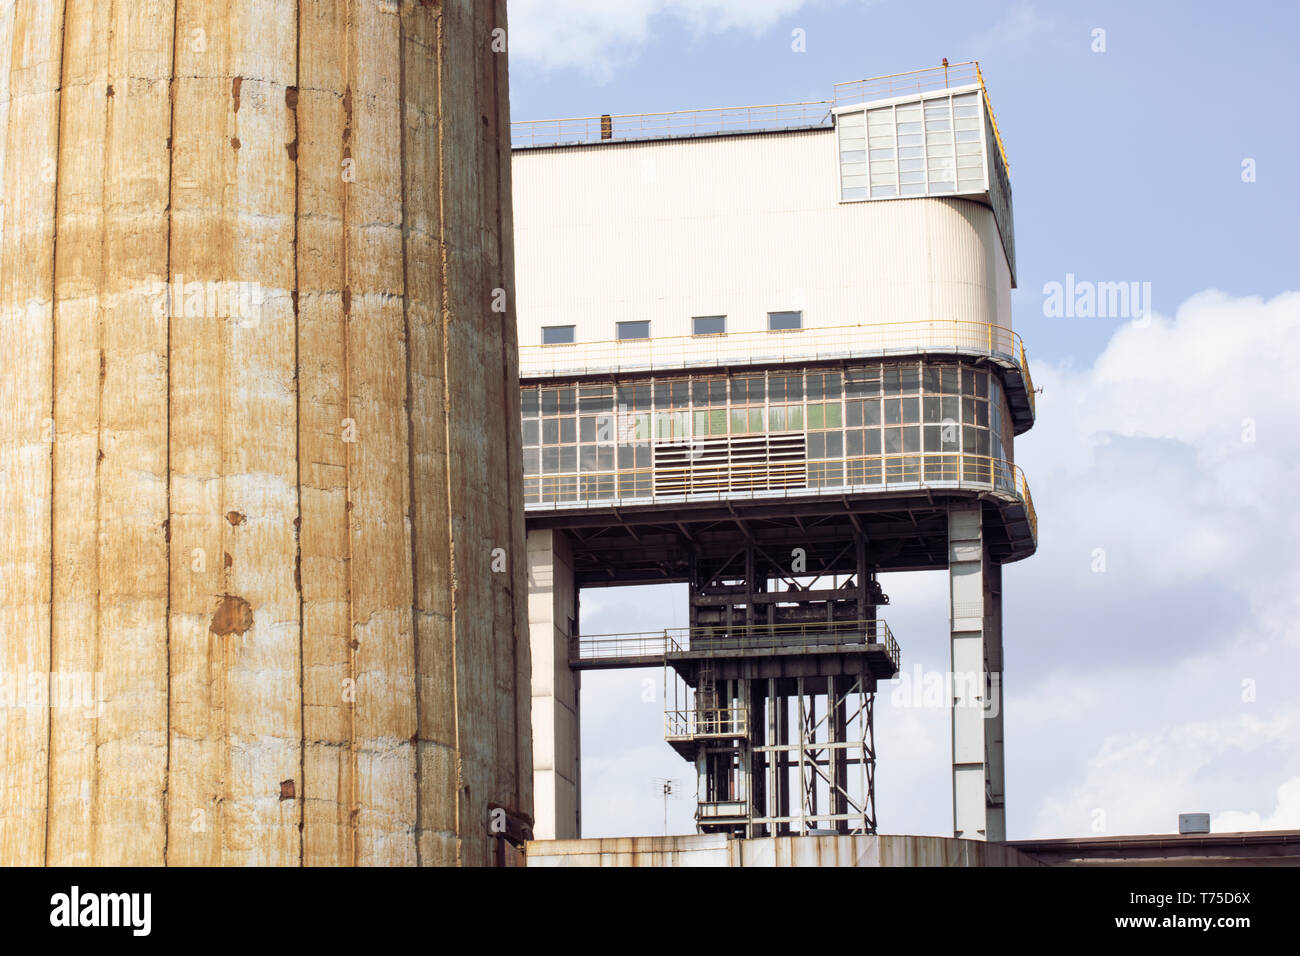 Welle Tower in der polnischen Coal Mine. Hammer Head Tower. Die industrielle Architektur. Auf der Grundlage der deputate. Schlesien, Kattowitz, Polen. Stockbild